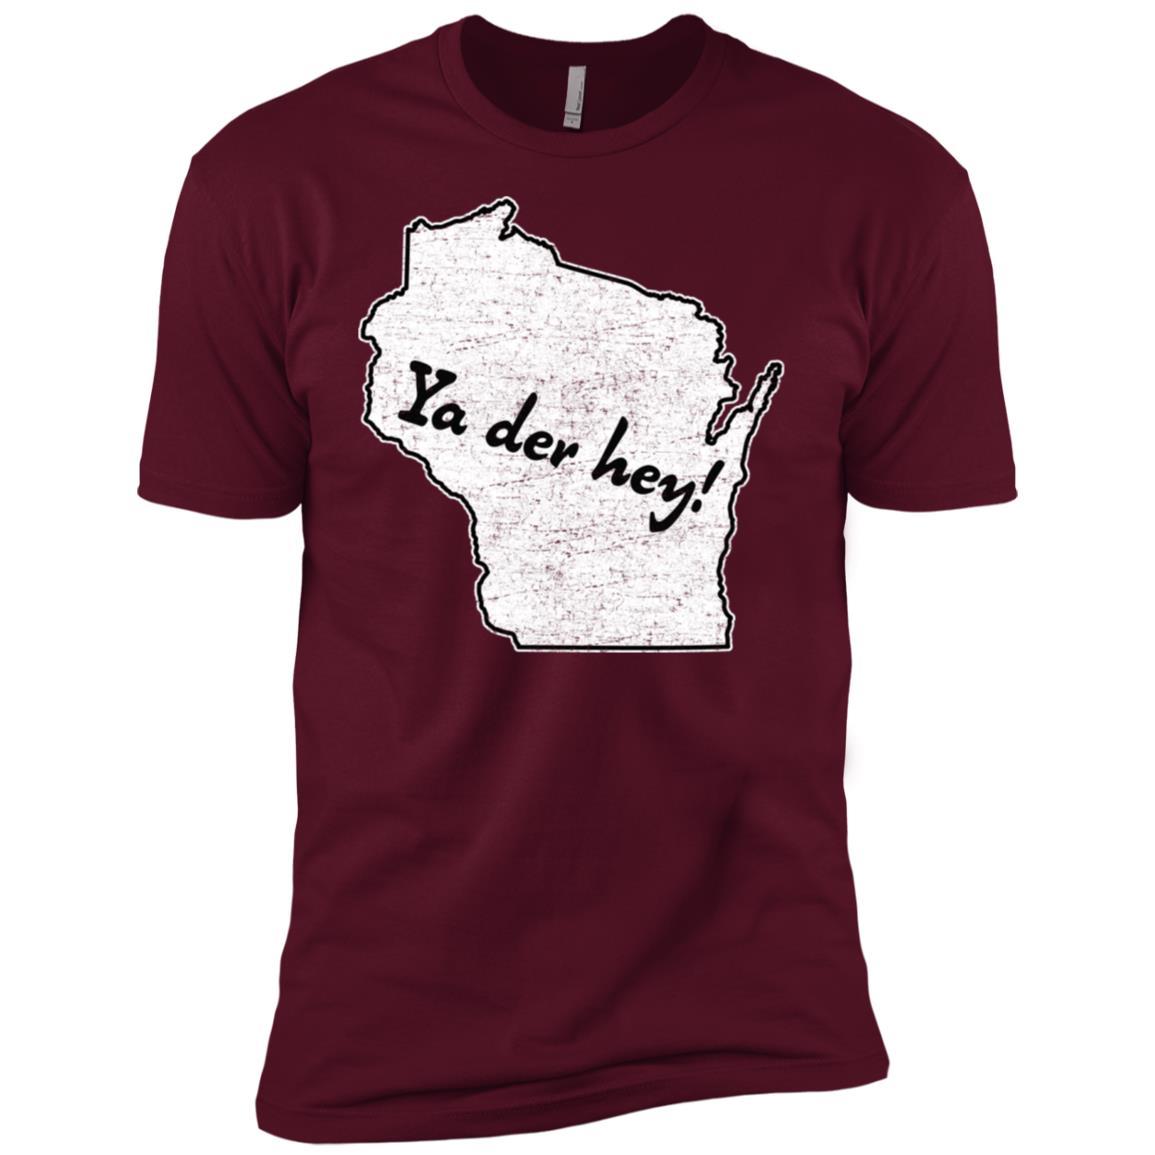 Ya der hey! Wisconsin saying – Wisco sconnie pride-1 Men Short Sleeve T-Shirt